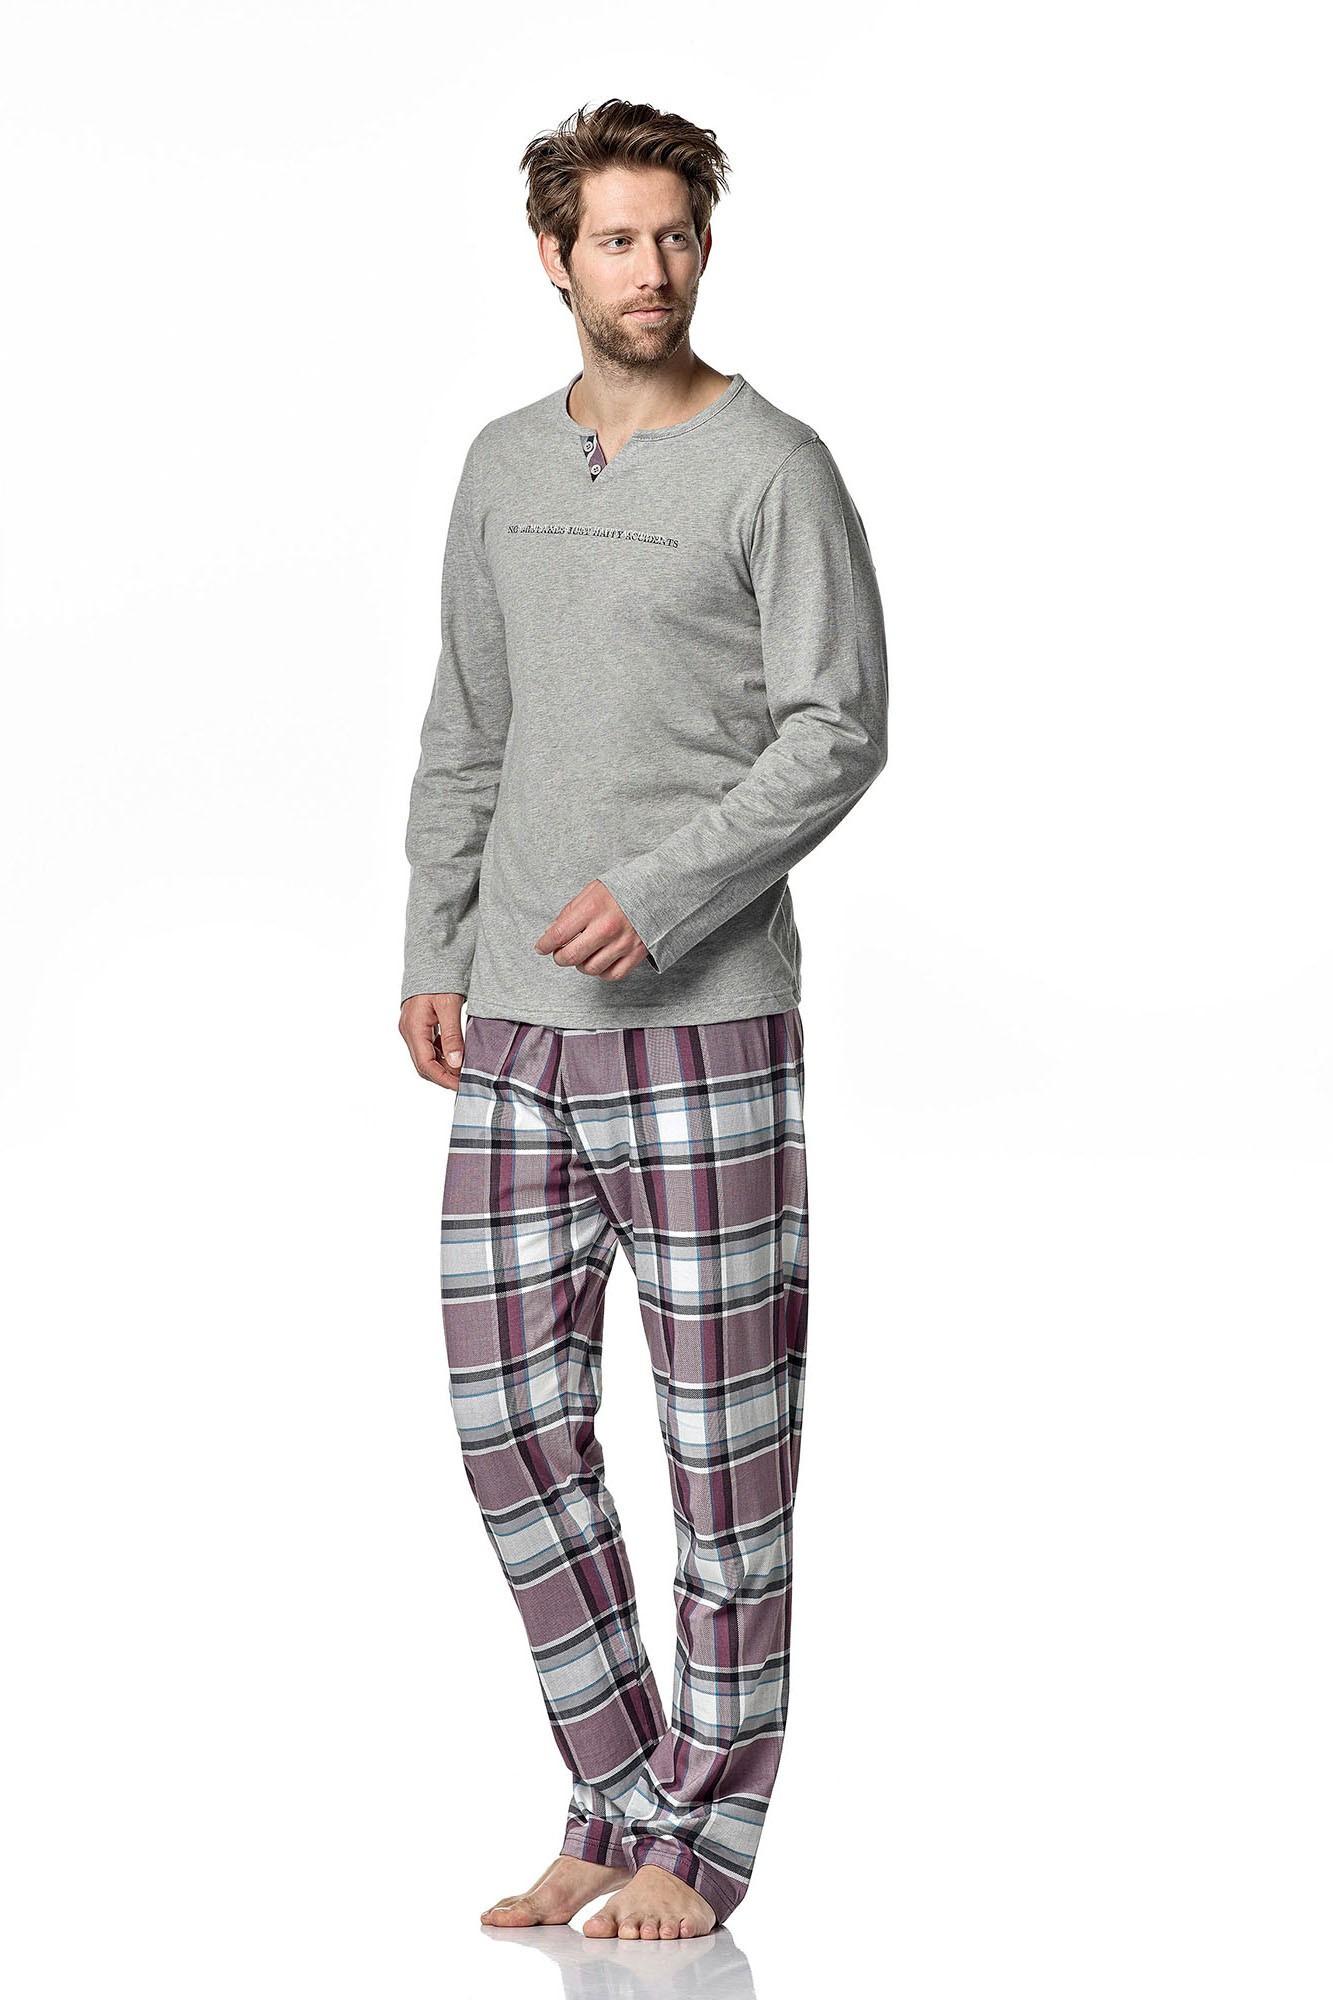 Pánské pyžamo 4925 - Vamp Barva: originál, Velikost: L